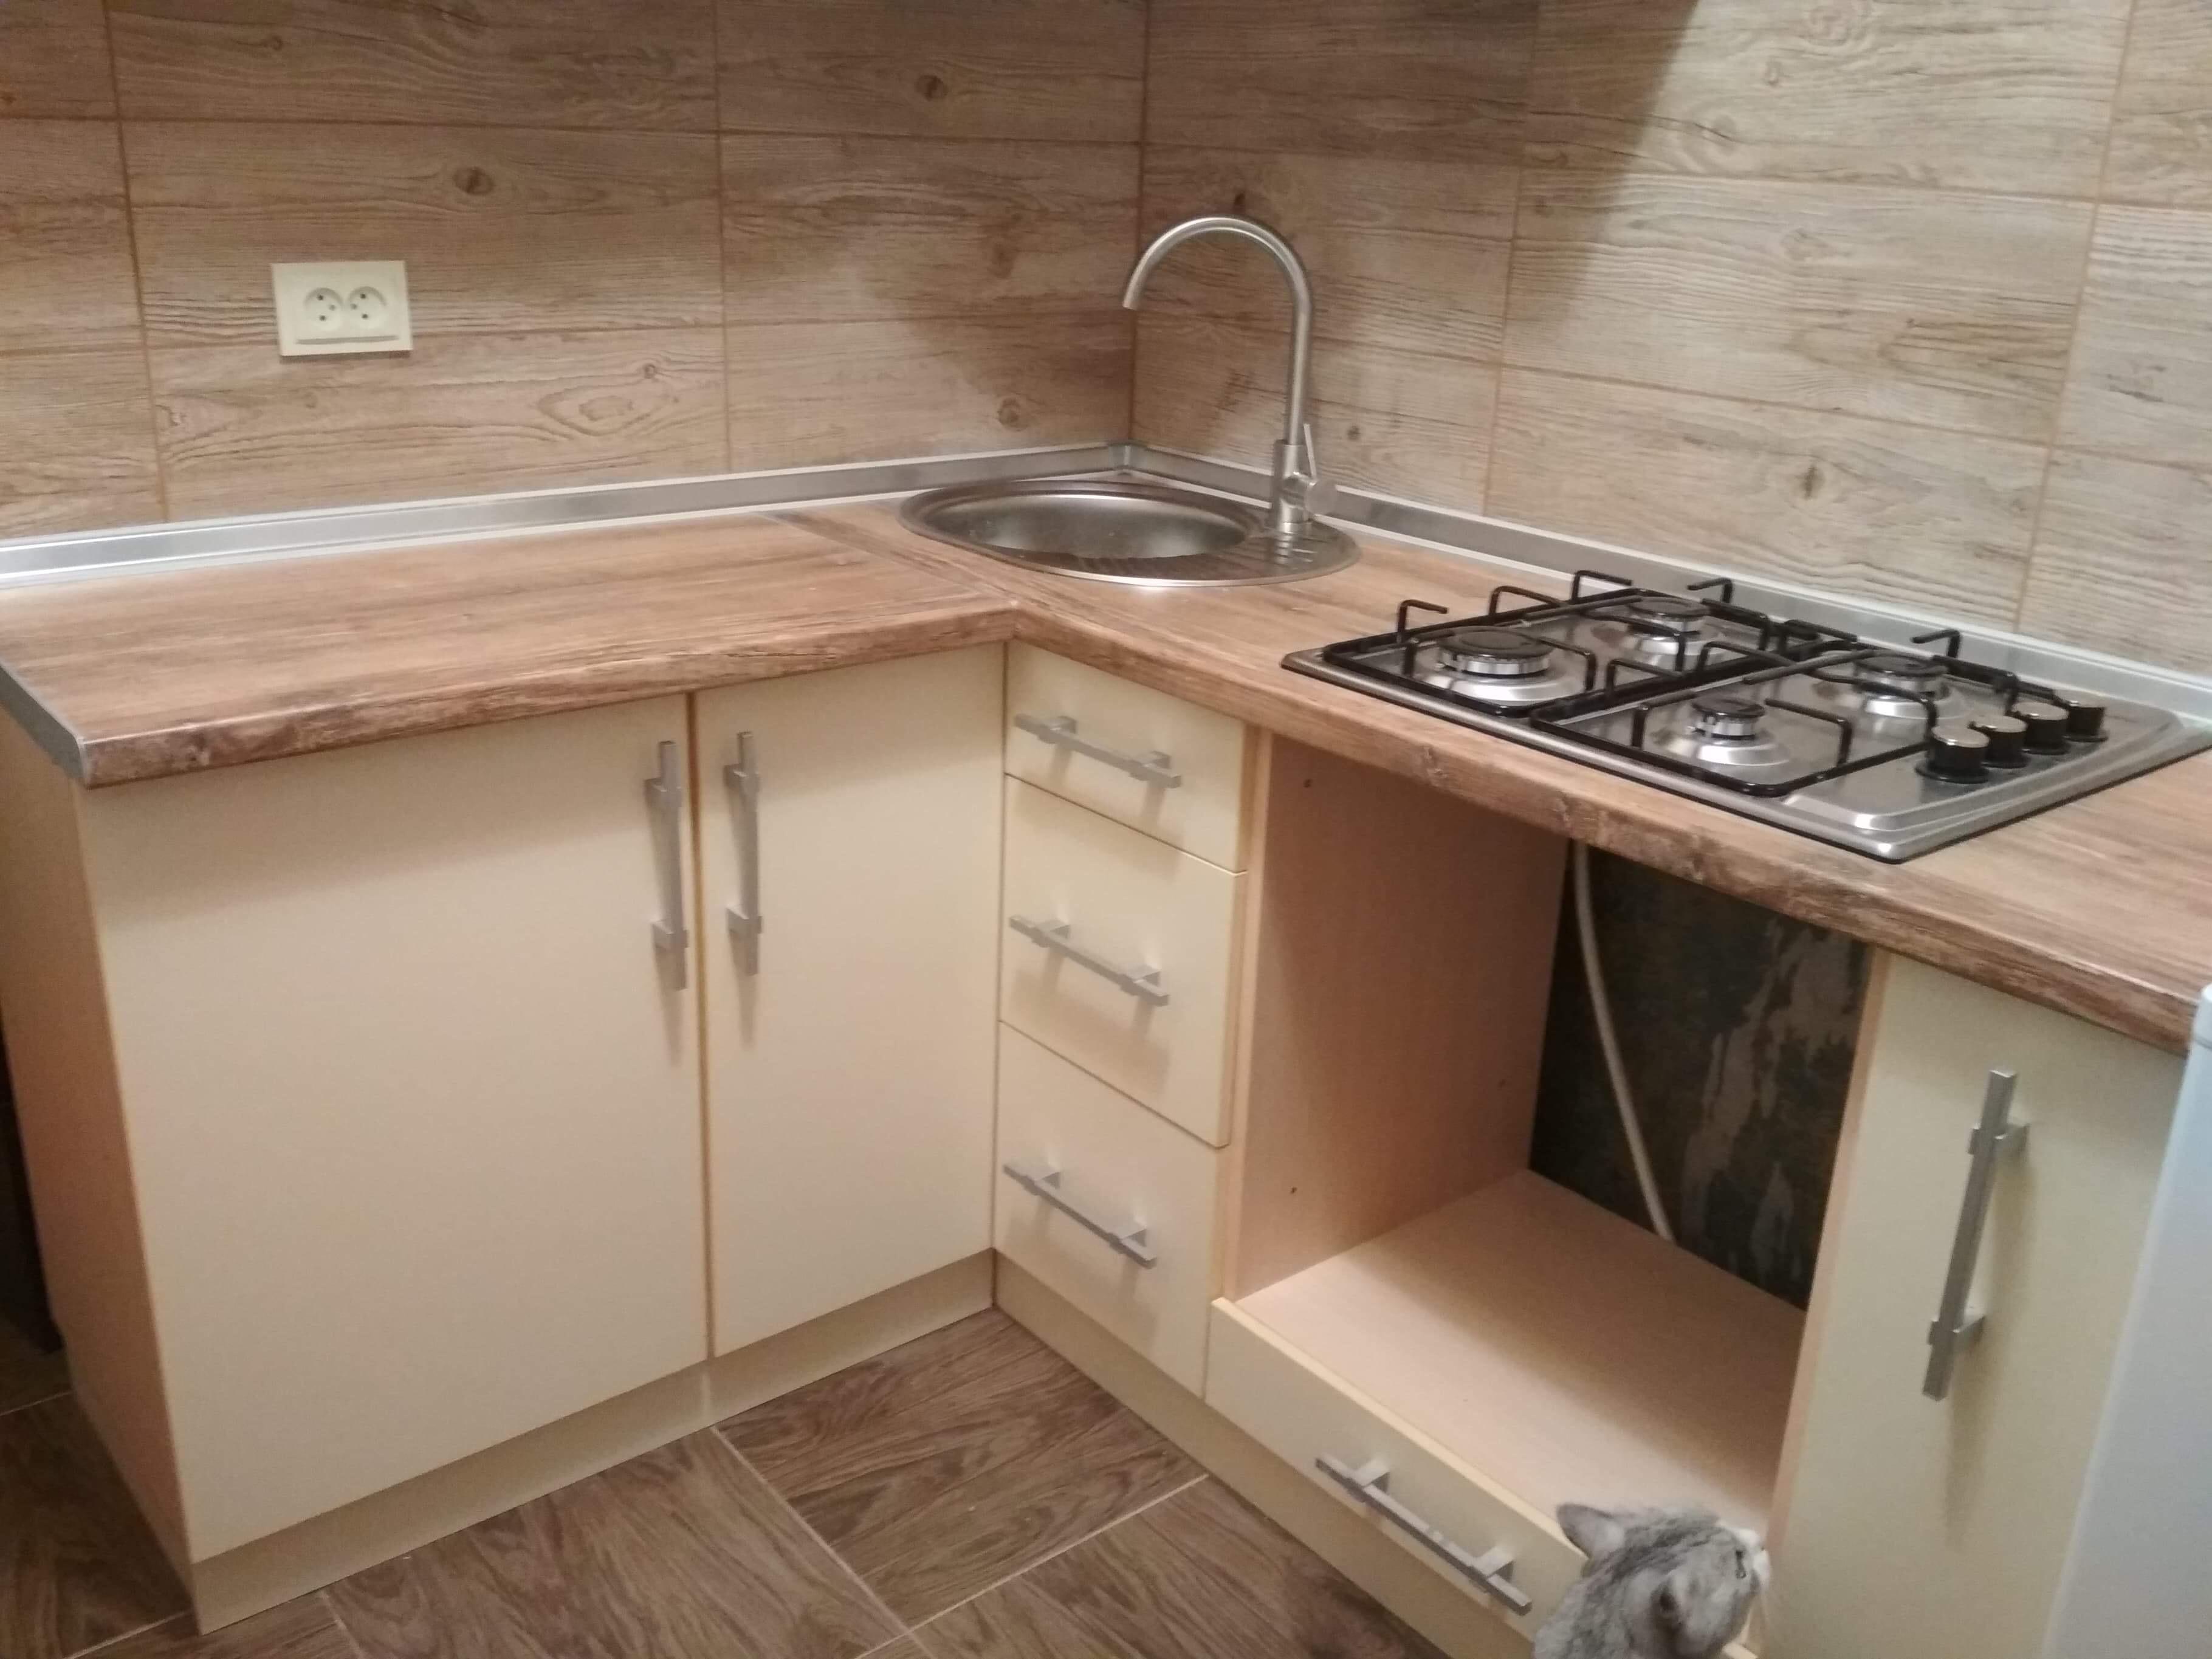 Фото Укладка плитки, сборка и установка кухни. Установка раковины и варочной поверхности.